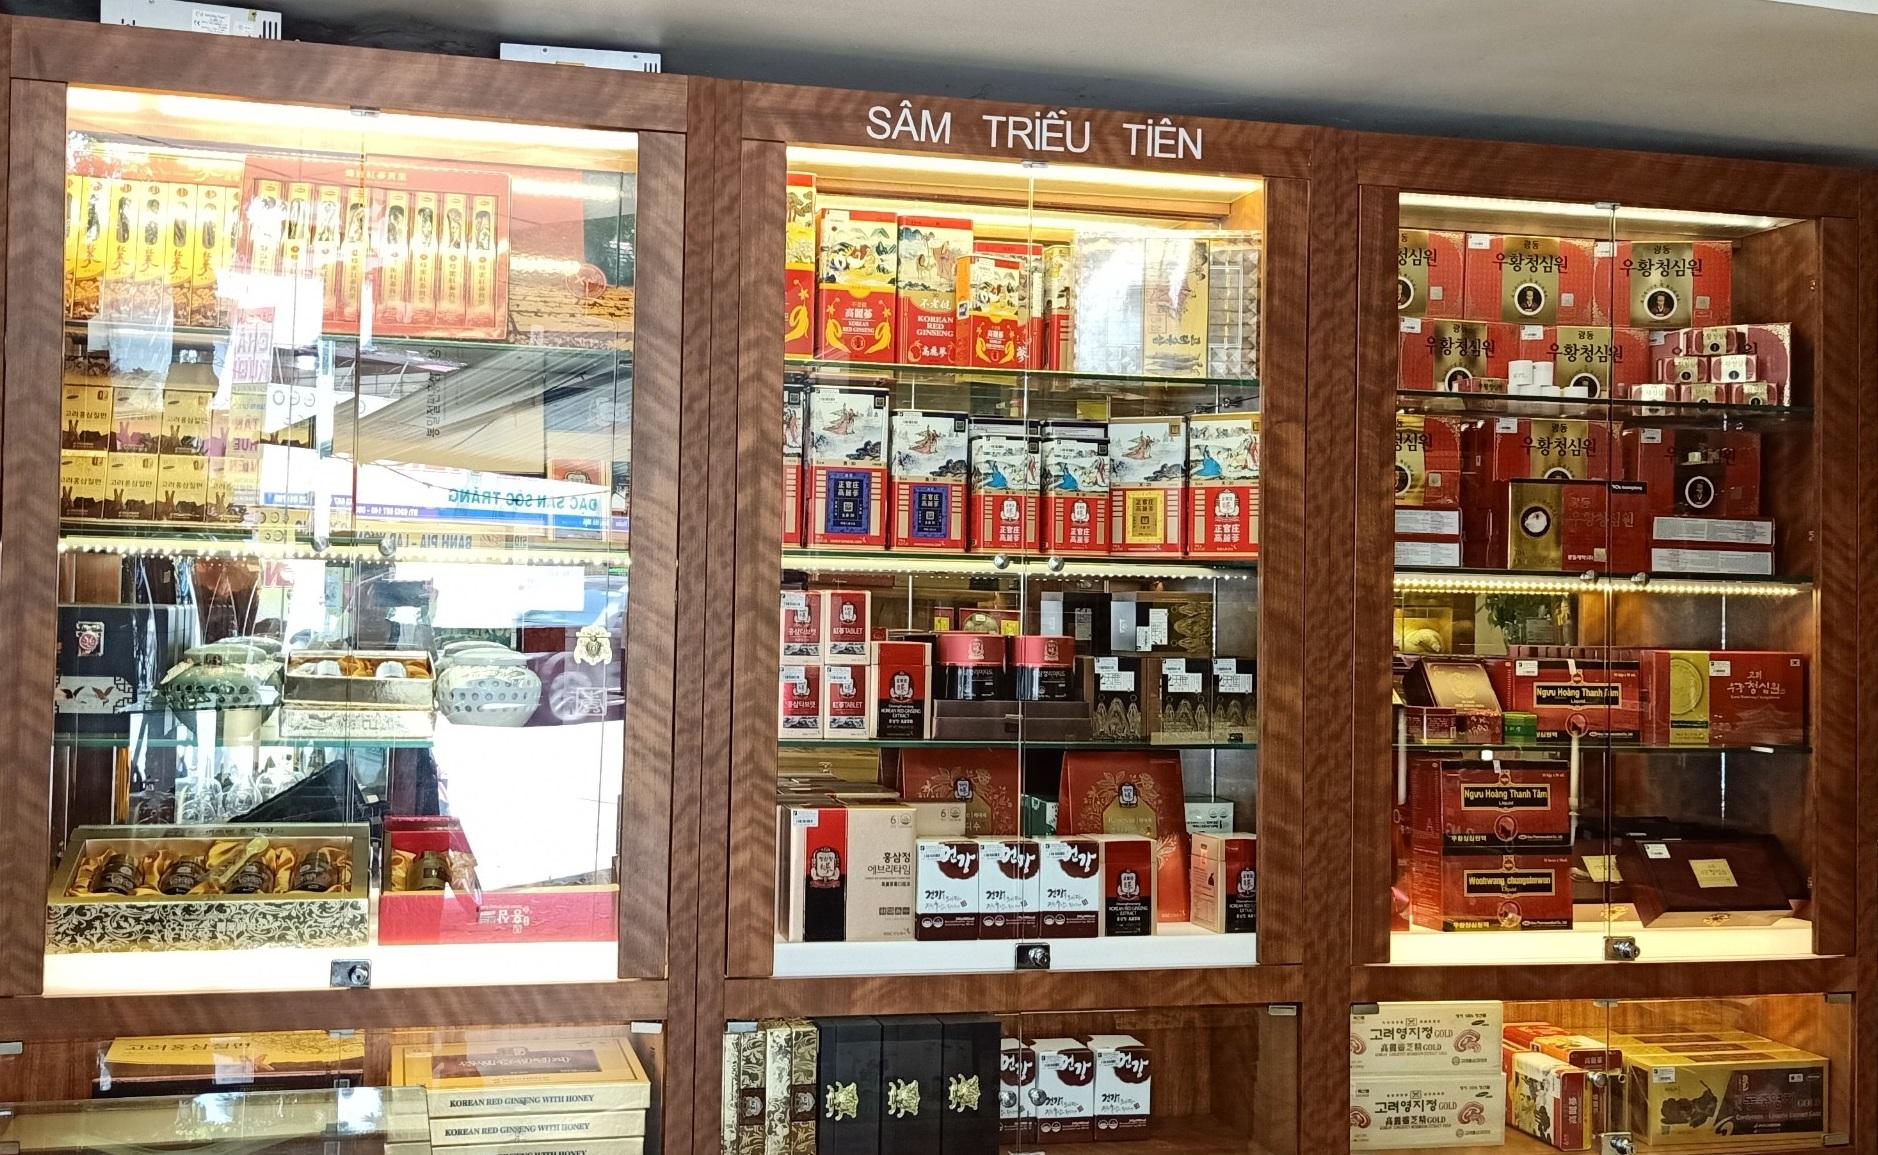 Trưng bày sản phẩm sâm chính phủ tại cửa hàng Onplaza